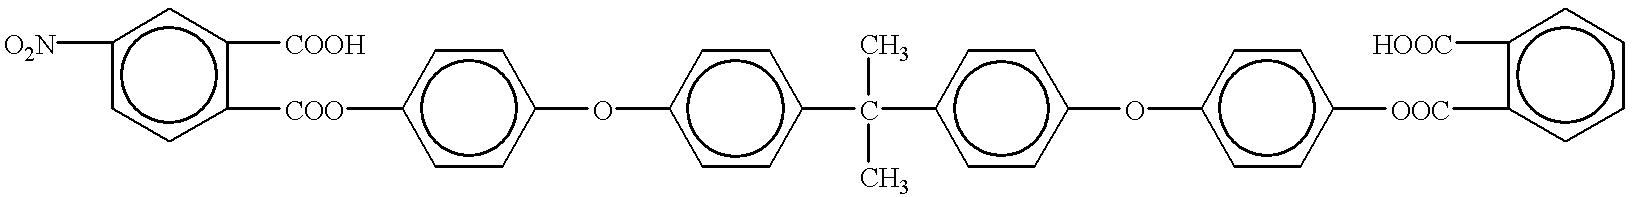 Figure US06180560-20010130-C00683